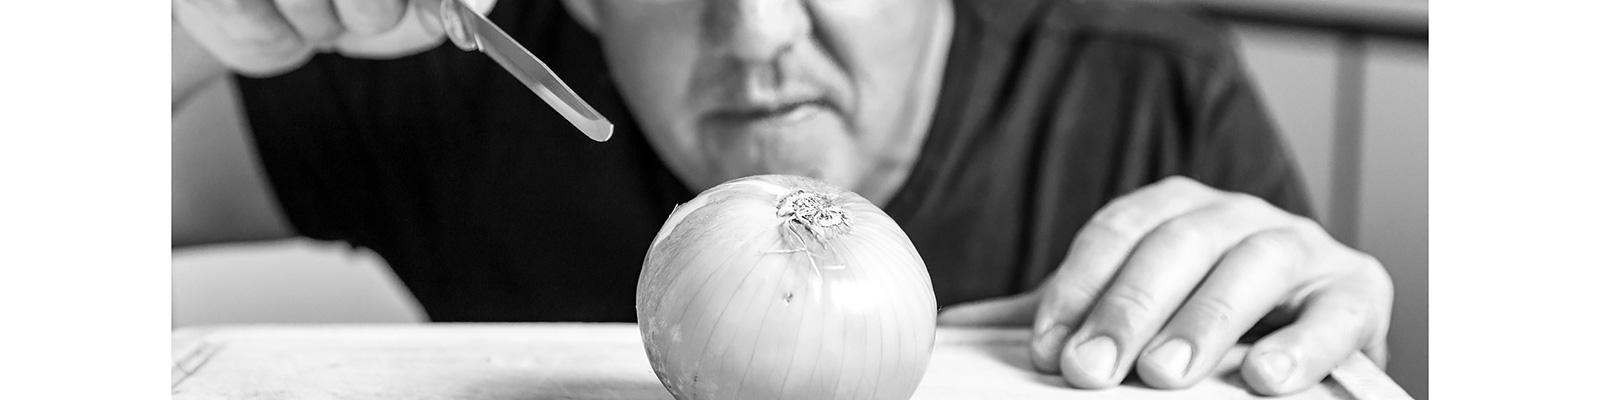 玉ねぎ 調理 イメージ